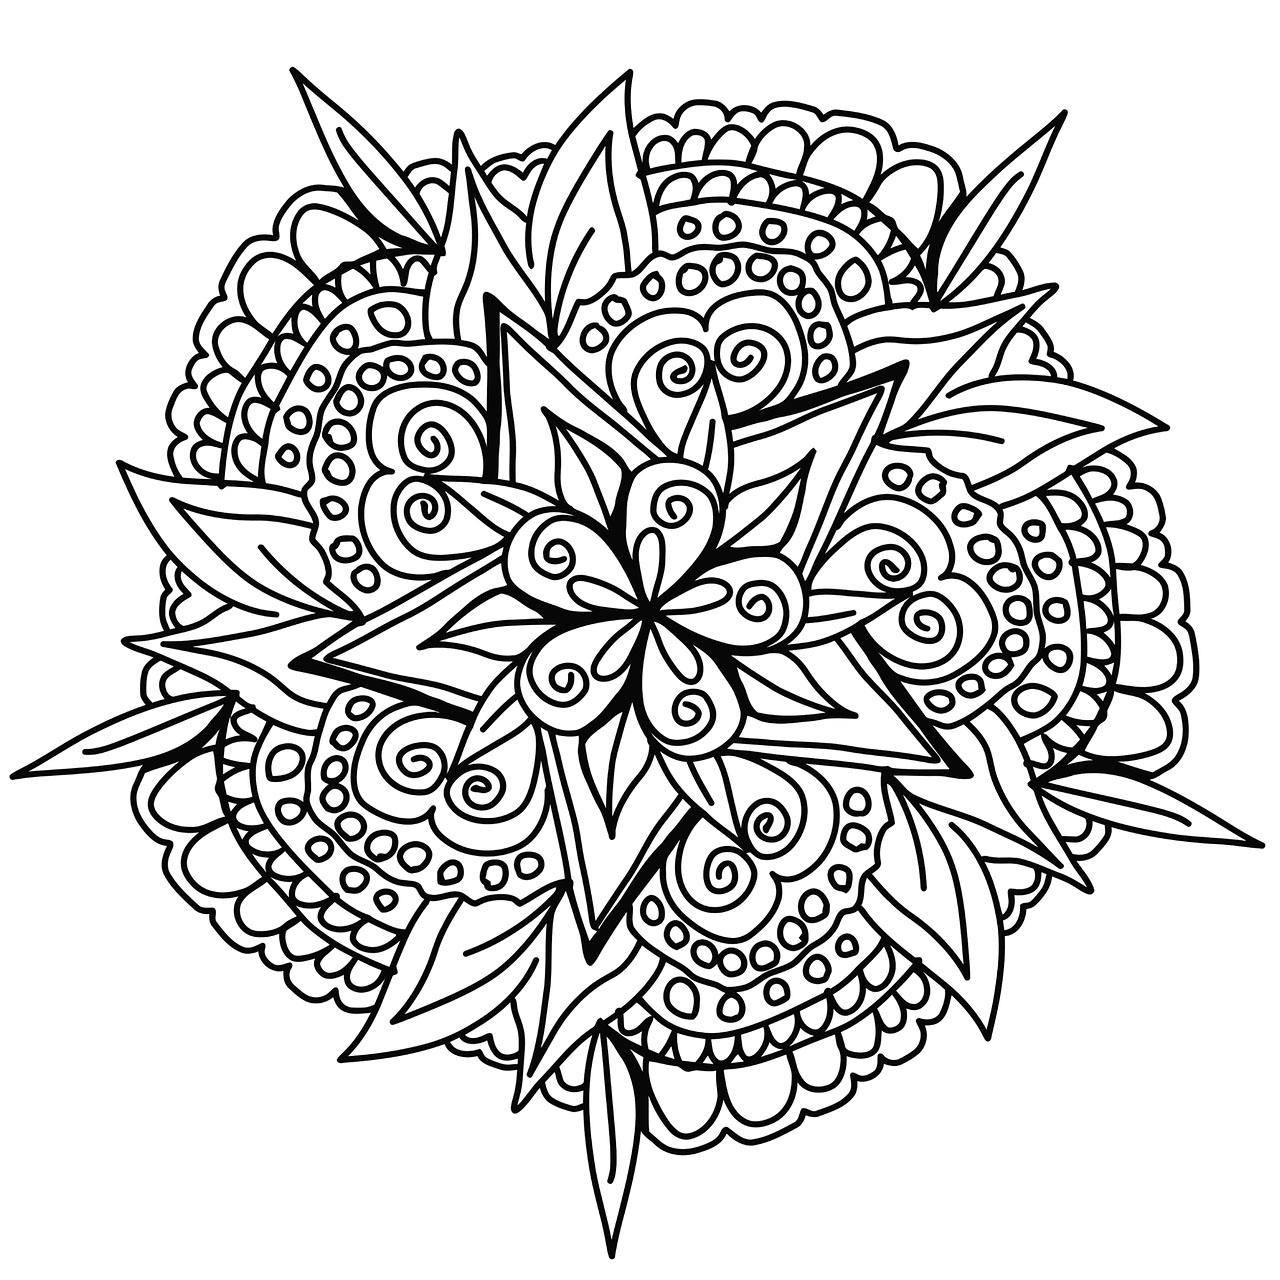 Mandala Dessine A La Main Mandalas Sur Le Theme Des Fleurs Et Vegetation 100 Mandalas Zen Anti Stress